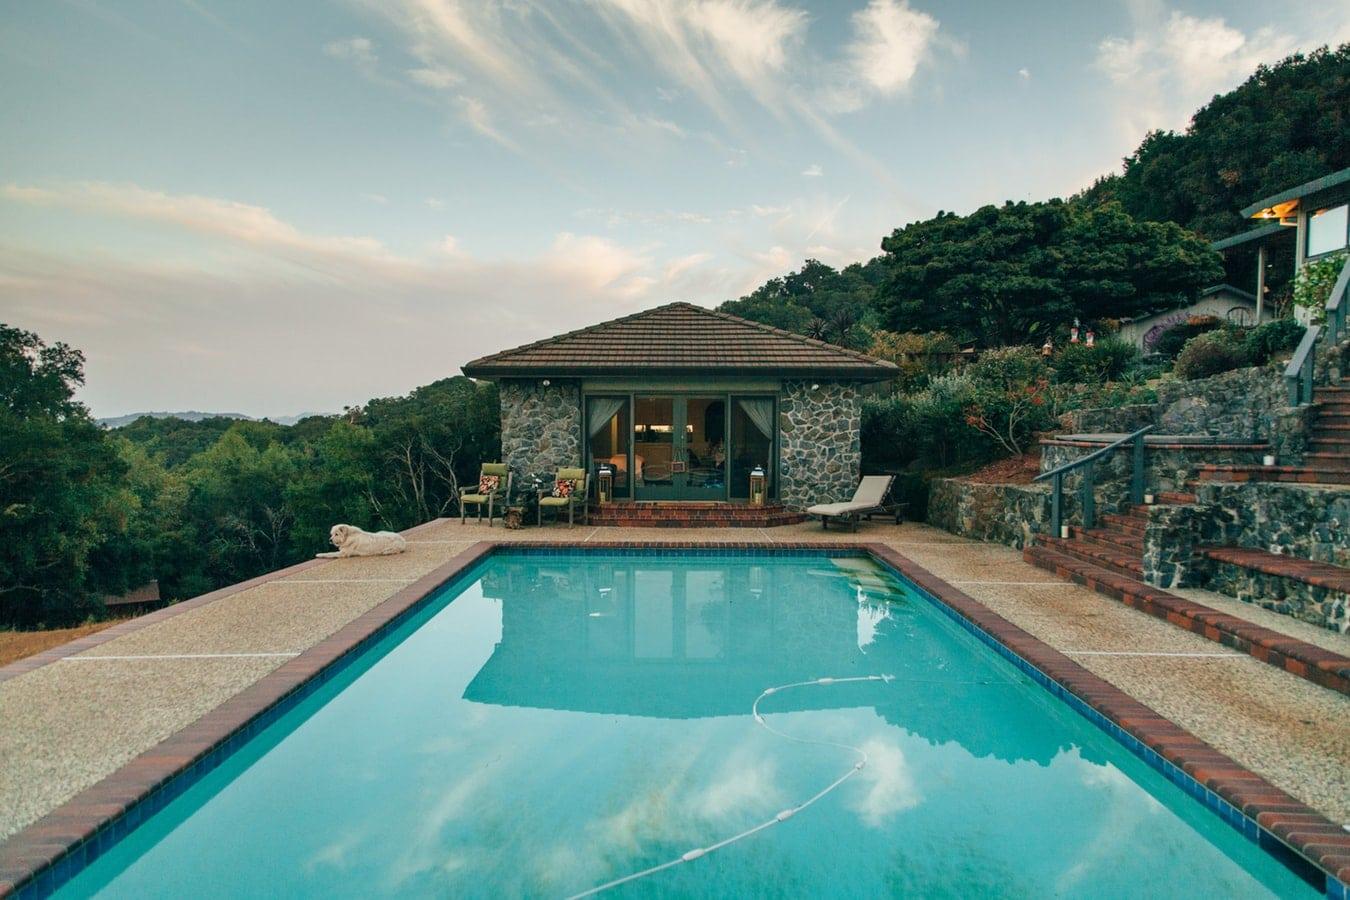 construire sa piscine soi